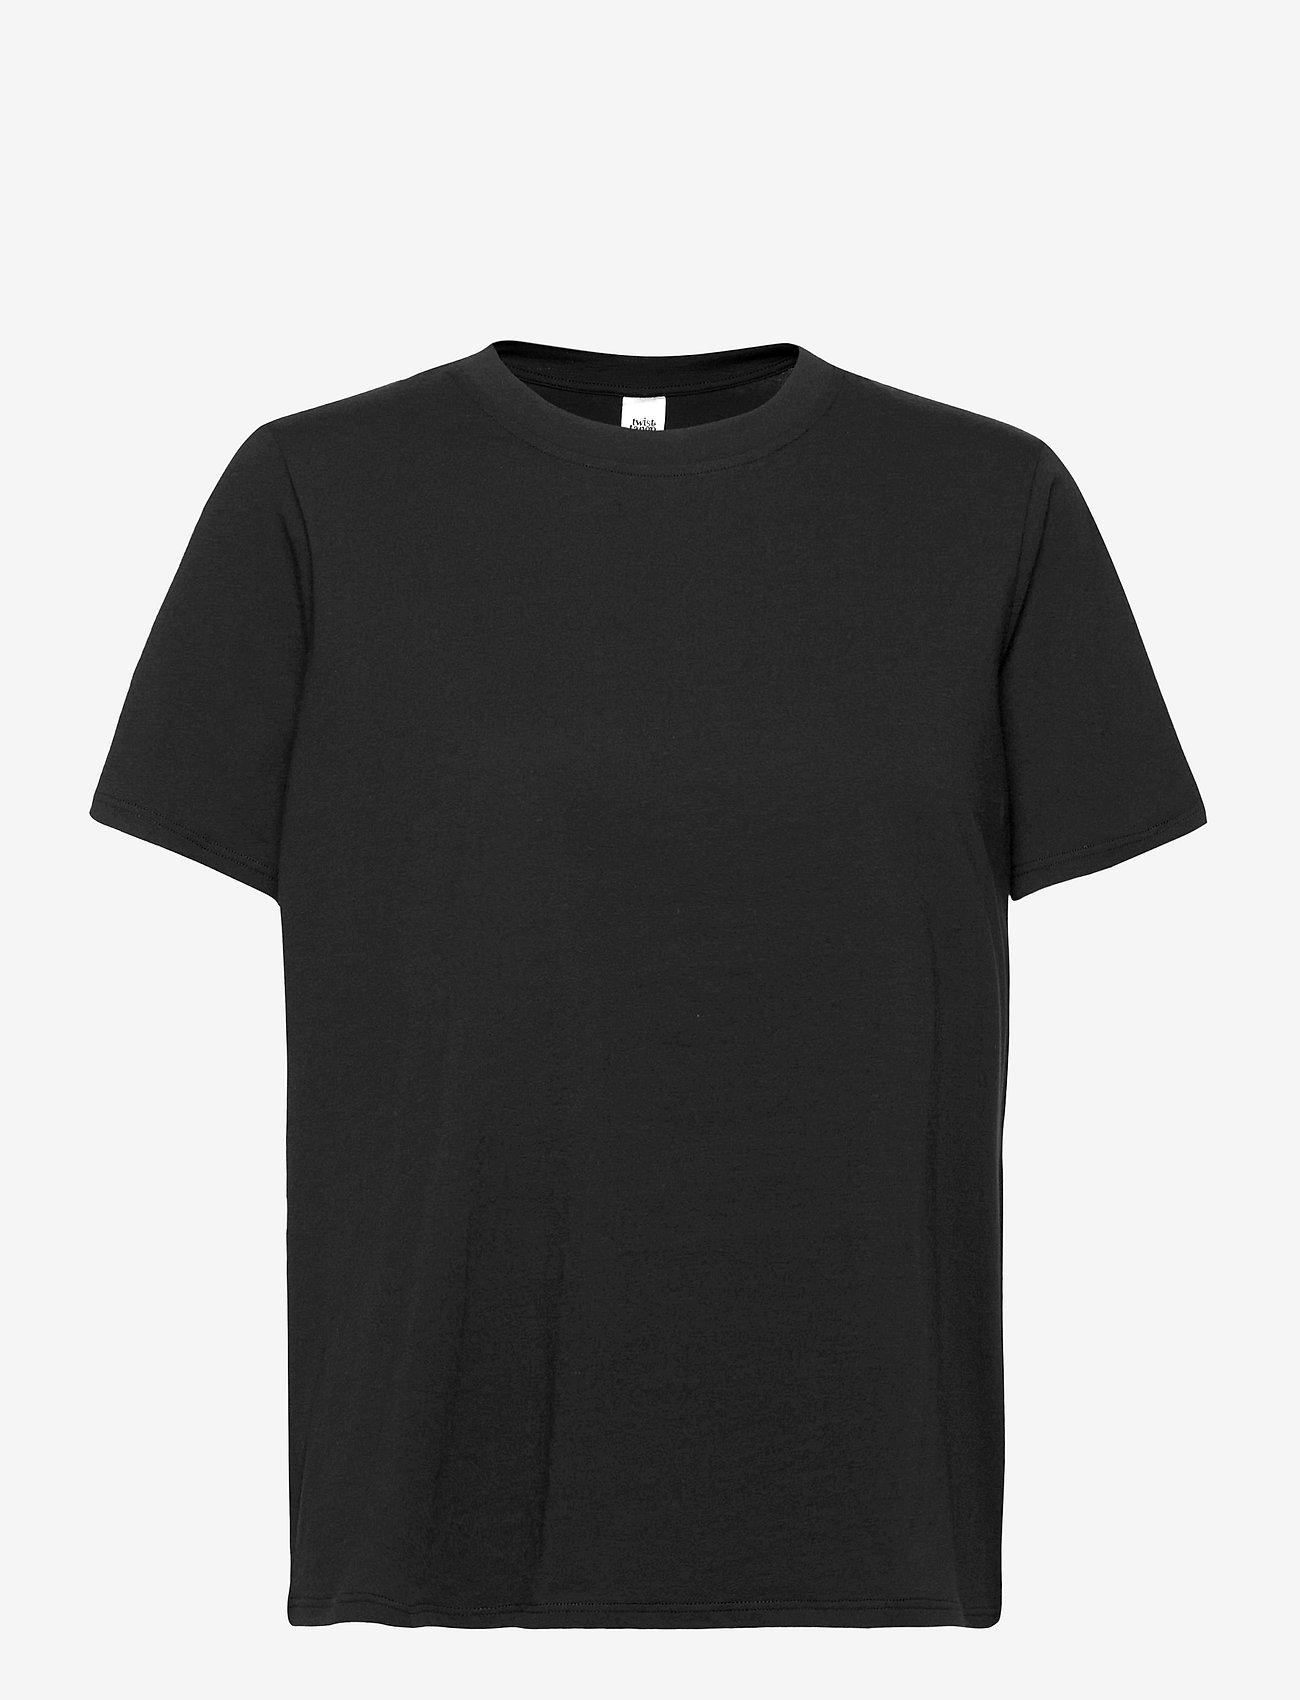 Twist & Tango - Heidi Tee - t-shirts - black - 0